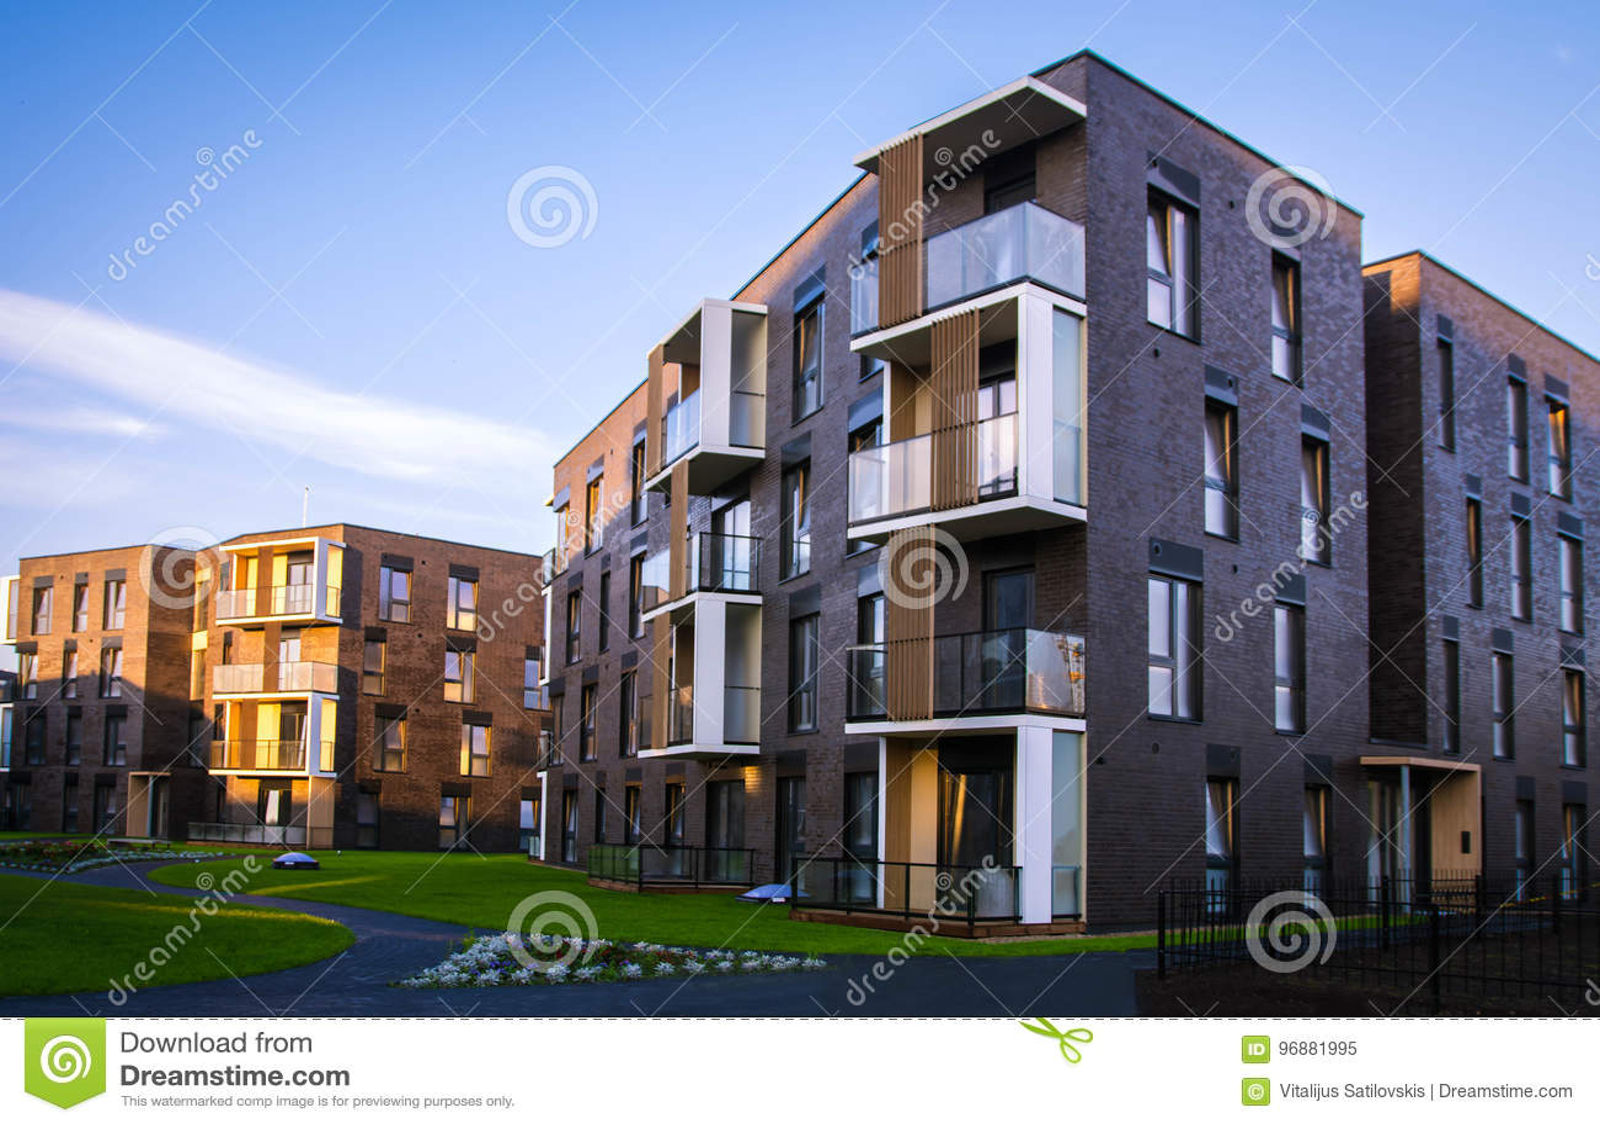 Ny modern lägenhetskomplex i Vilnius, Litauen, europeiskt byggnadskomplex för modern låg löneförhöjning med utomhus- lättheter